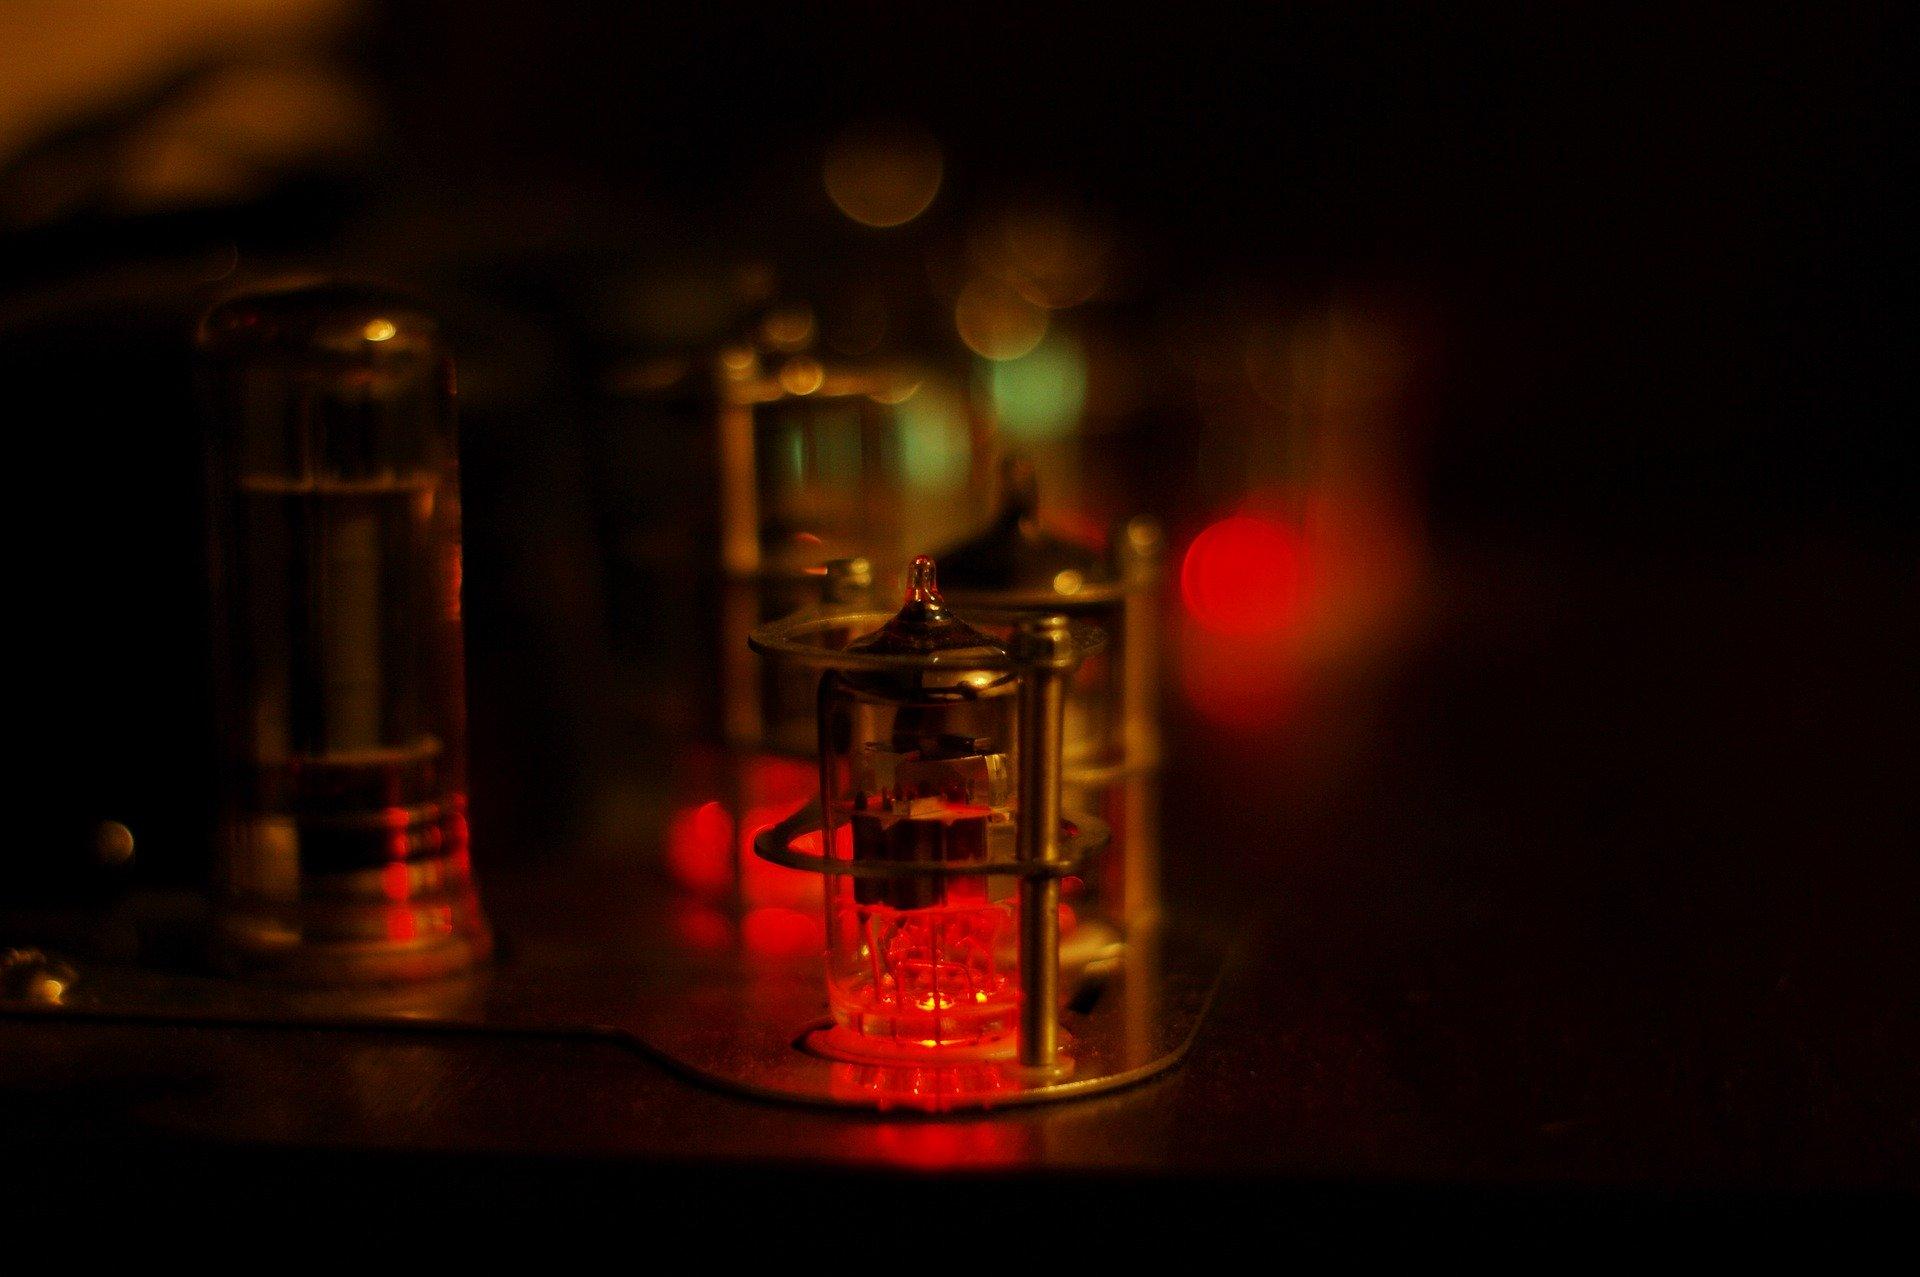 おすすめの真空管アンプ20選!極上の音楽体験を味わおう